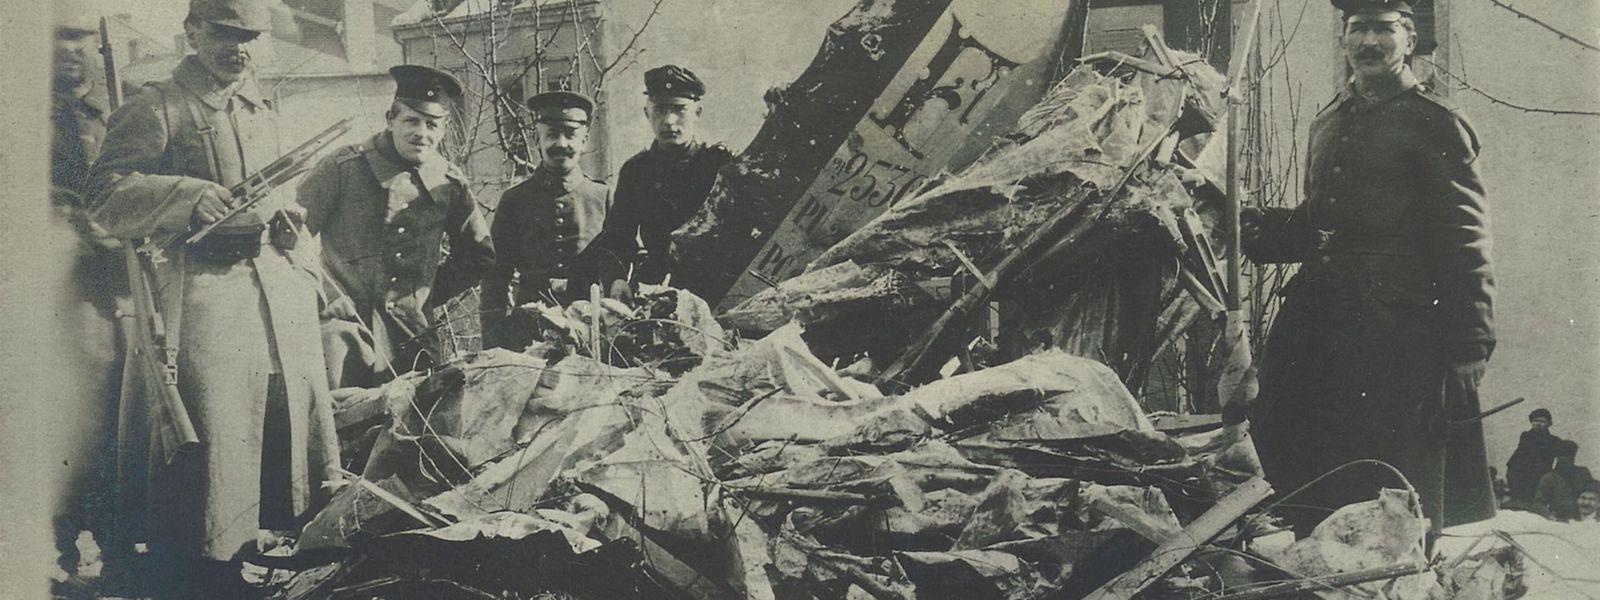 Es war einer der ersten industrialisierten Kriege: Im Ersten Weltkrieg wurden viele neue Waffen eingeführt – wie die Fliegerbombe. Die Historiker der Universität Luxemburg konnten 136 französische Bombenabwürfe auf Luxemburg nachweisen.